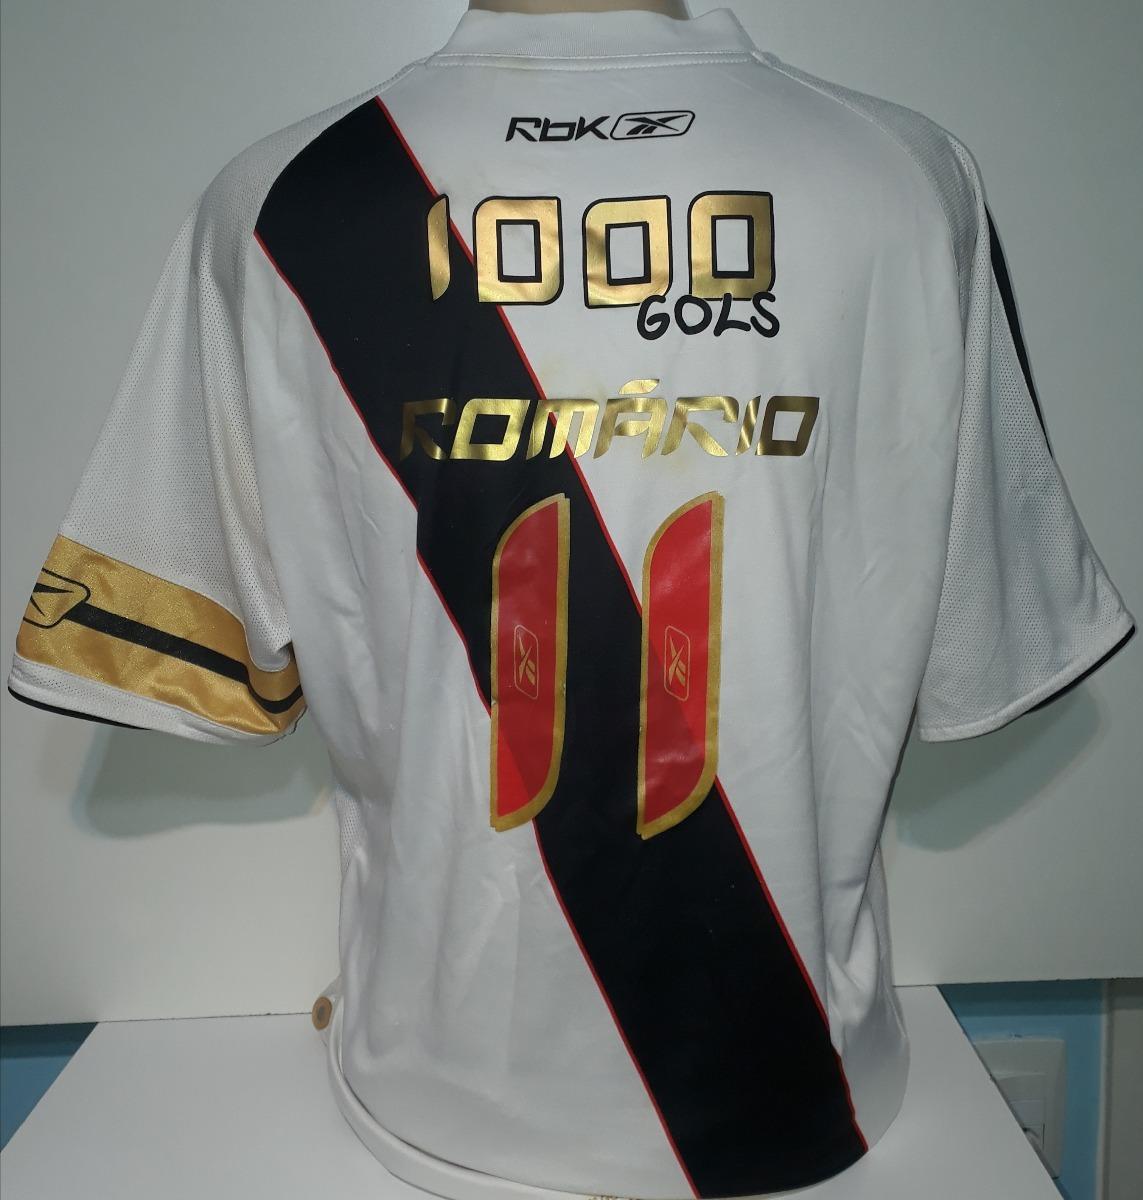 bc5447de3d Camisa Vasco 1000 Gols Do Romário 2007 Original Reebok - 98 - R  549 ...